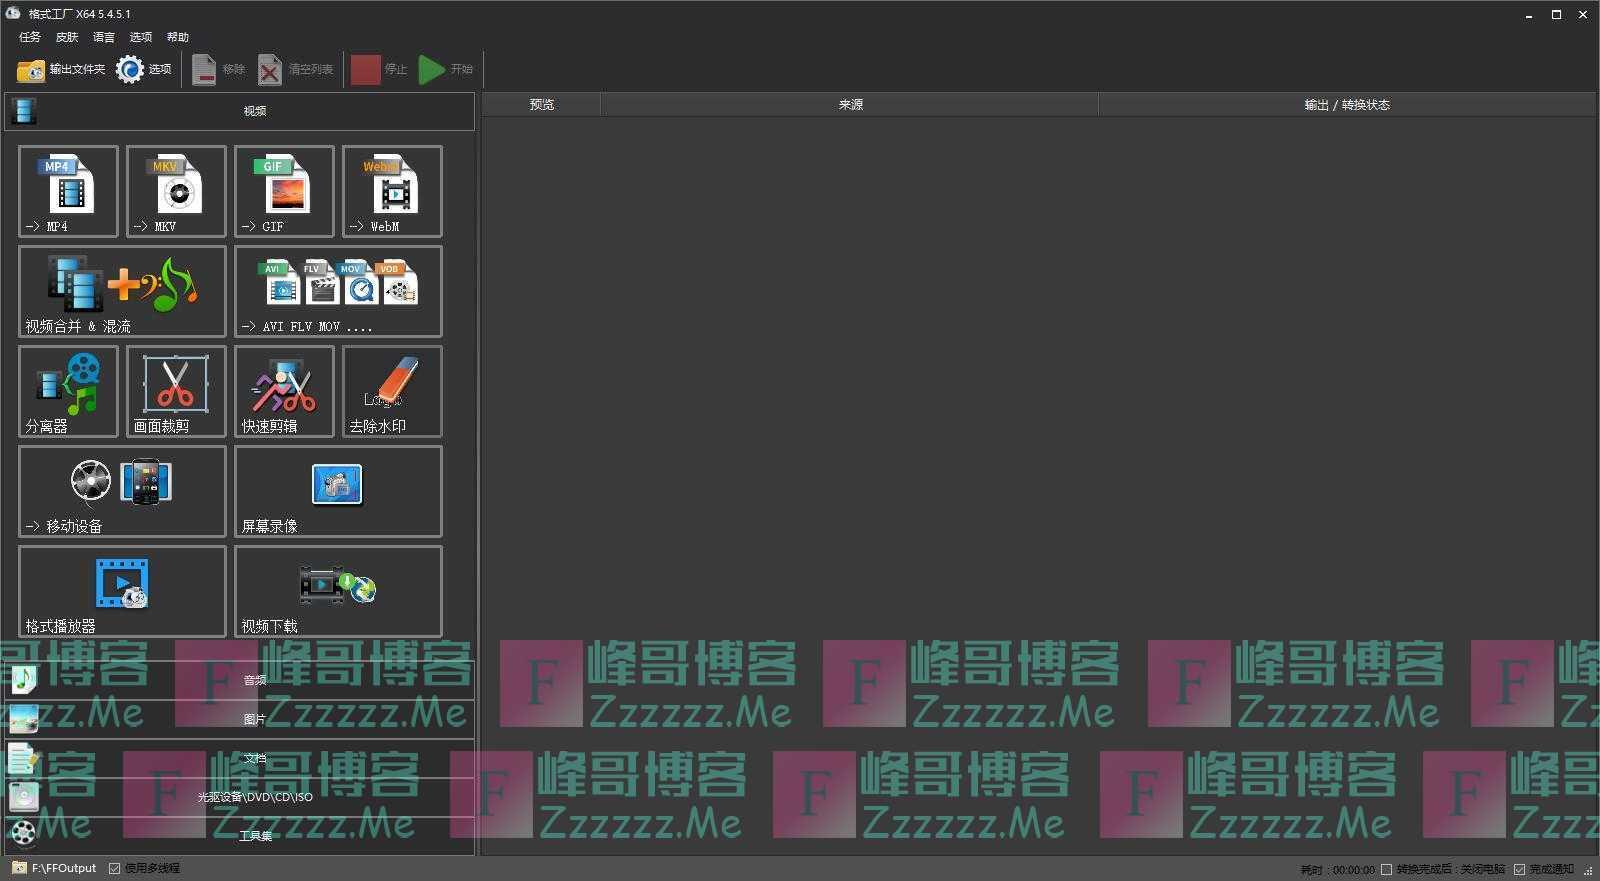 FormatFactory/格式工厂V5.4.5.1 最新格式工厂去广告绿色版下载